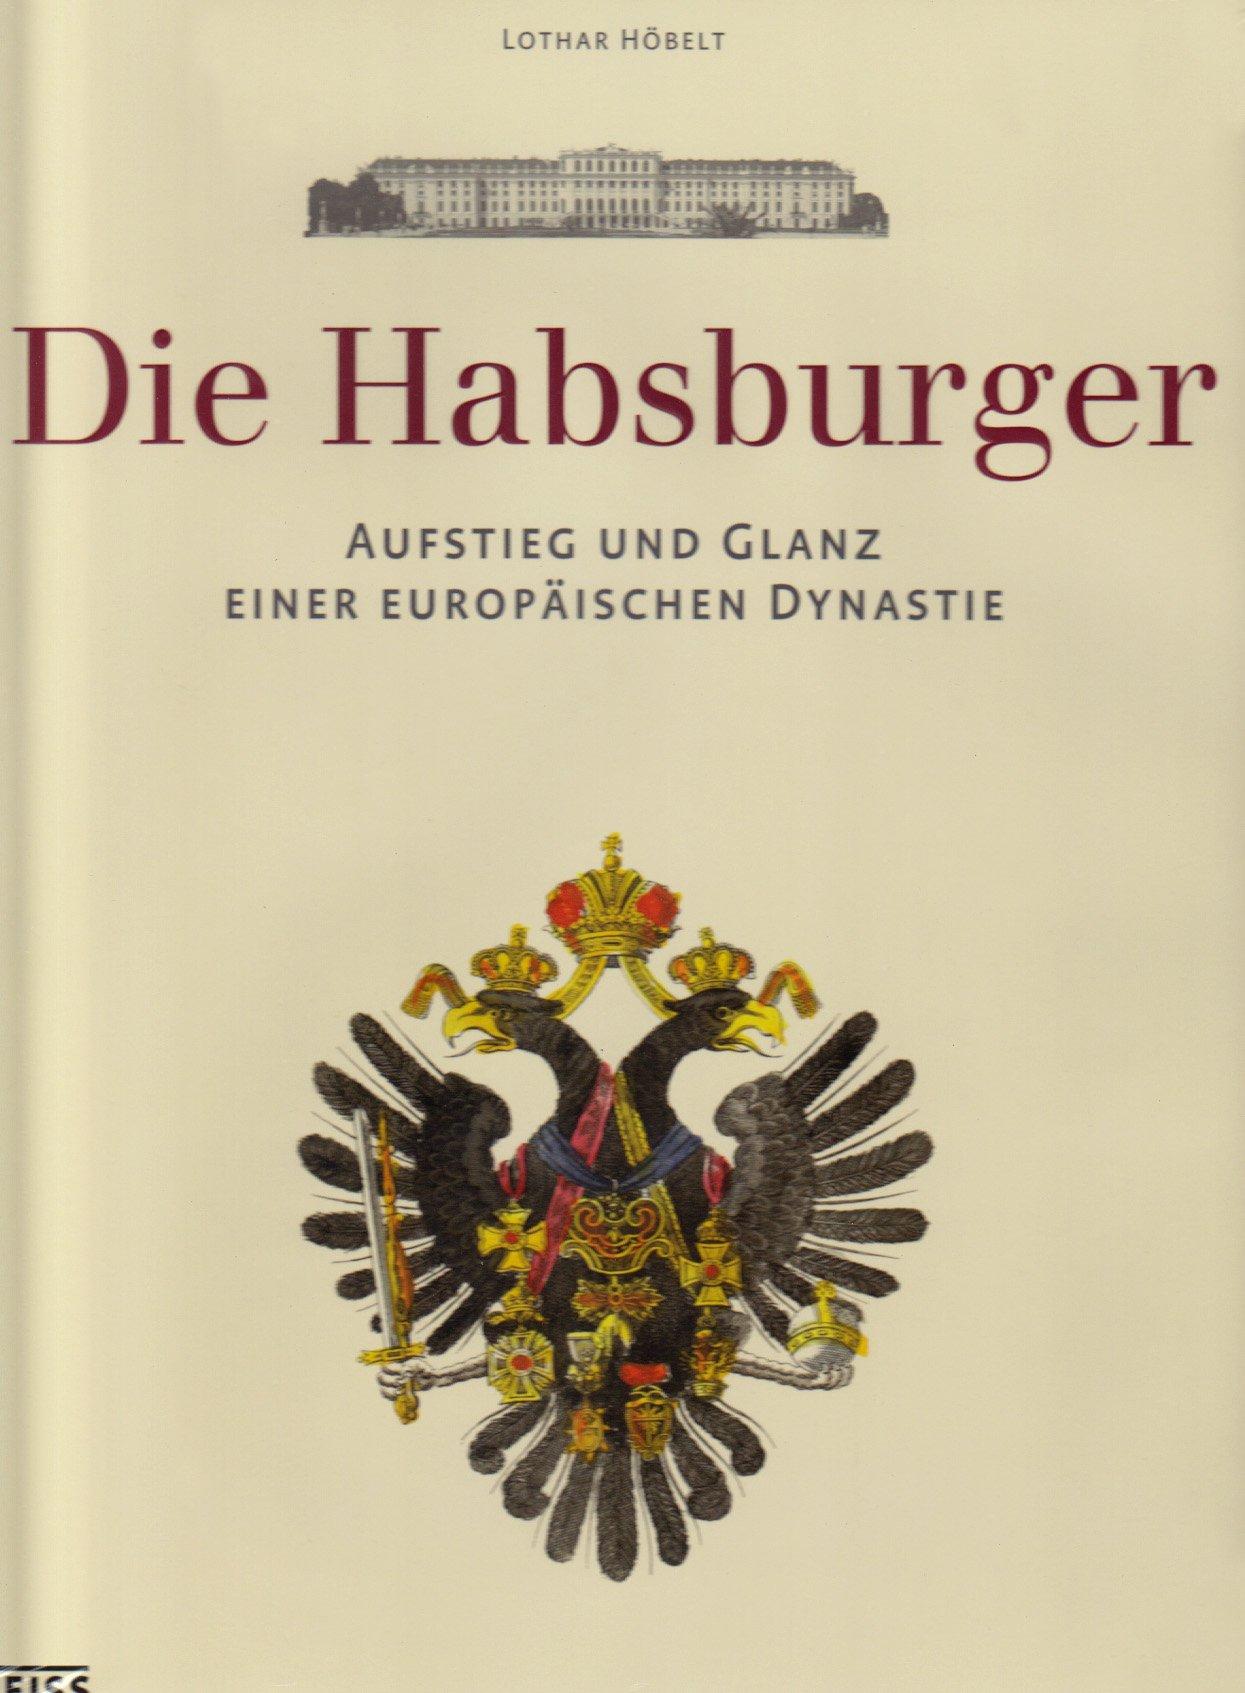 Die Habsburger: Aufstieg und Glanz einer europäischen Dynastie